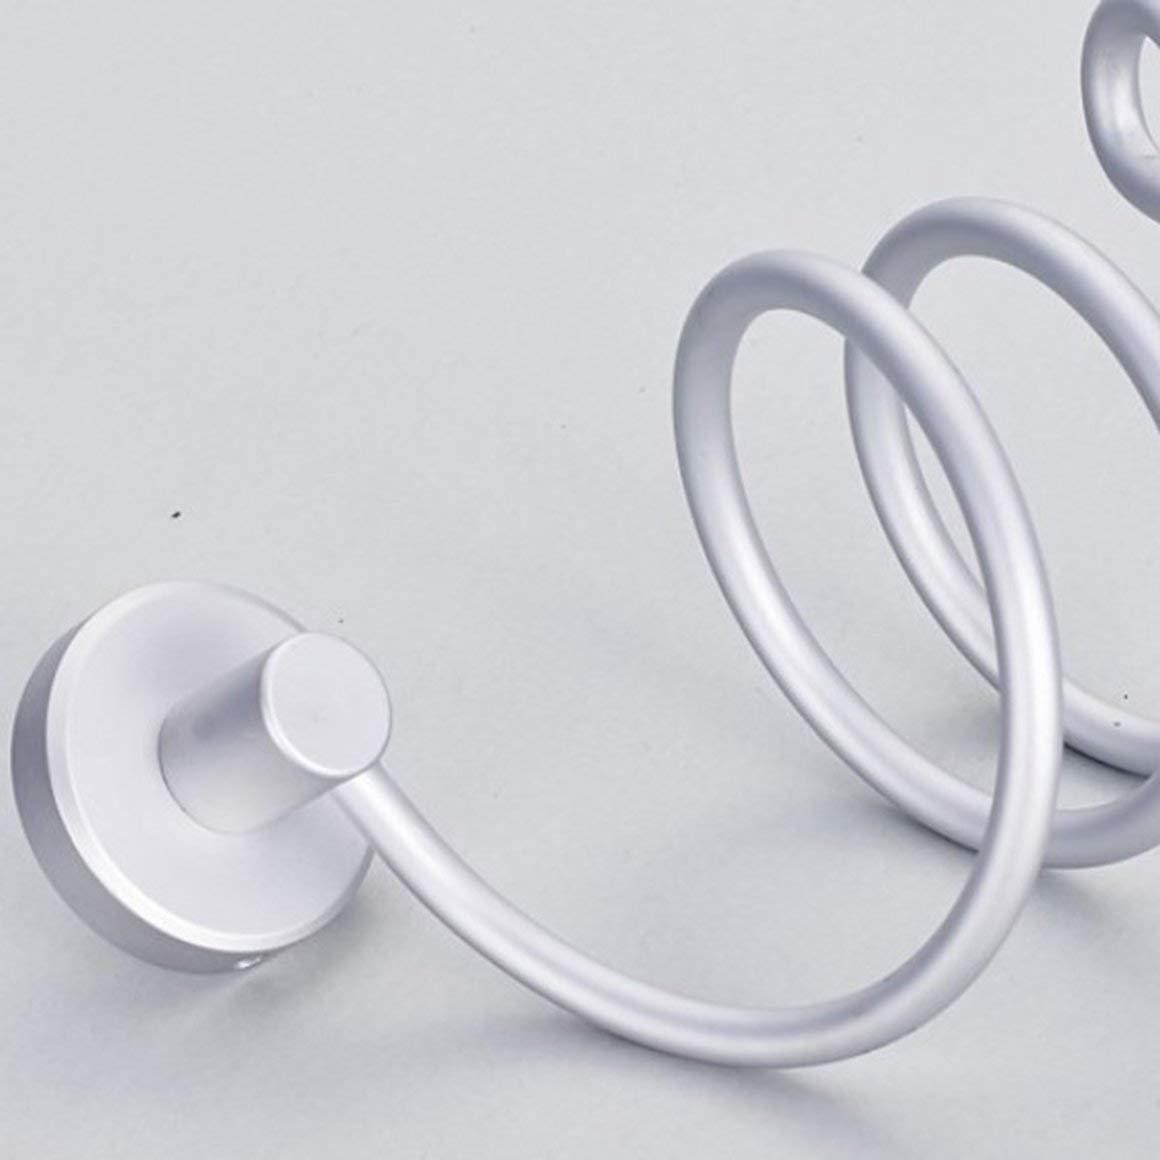 Argento Funnyrunstore Portatile Asciugacapelli Cremagliera in Alluminio da Bagno Appendiabiti a Parete